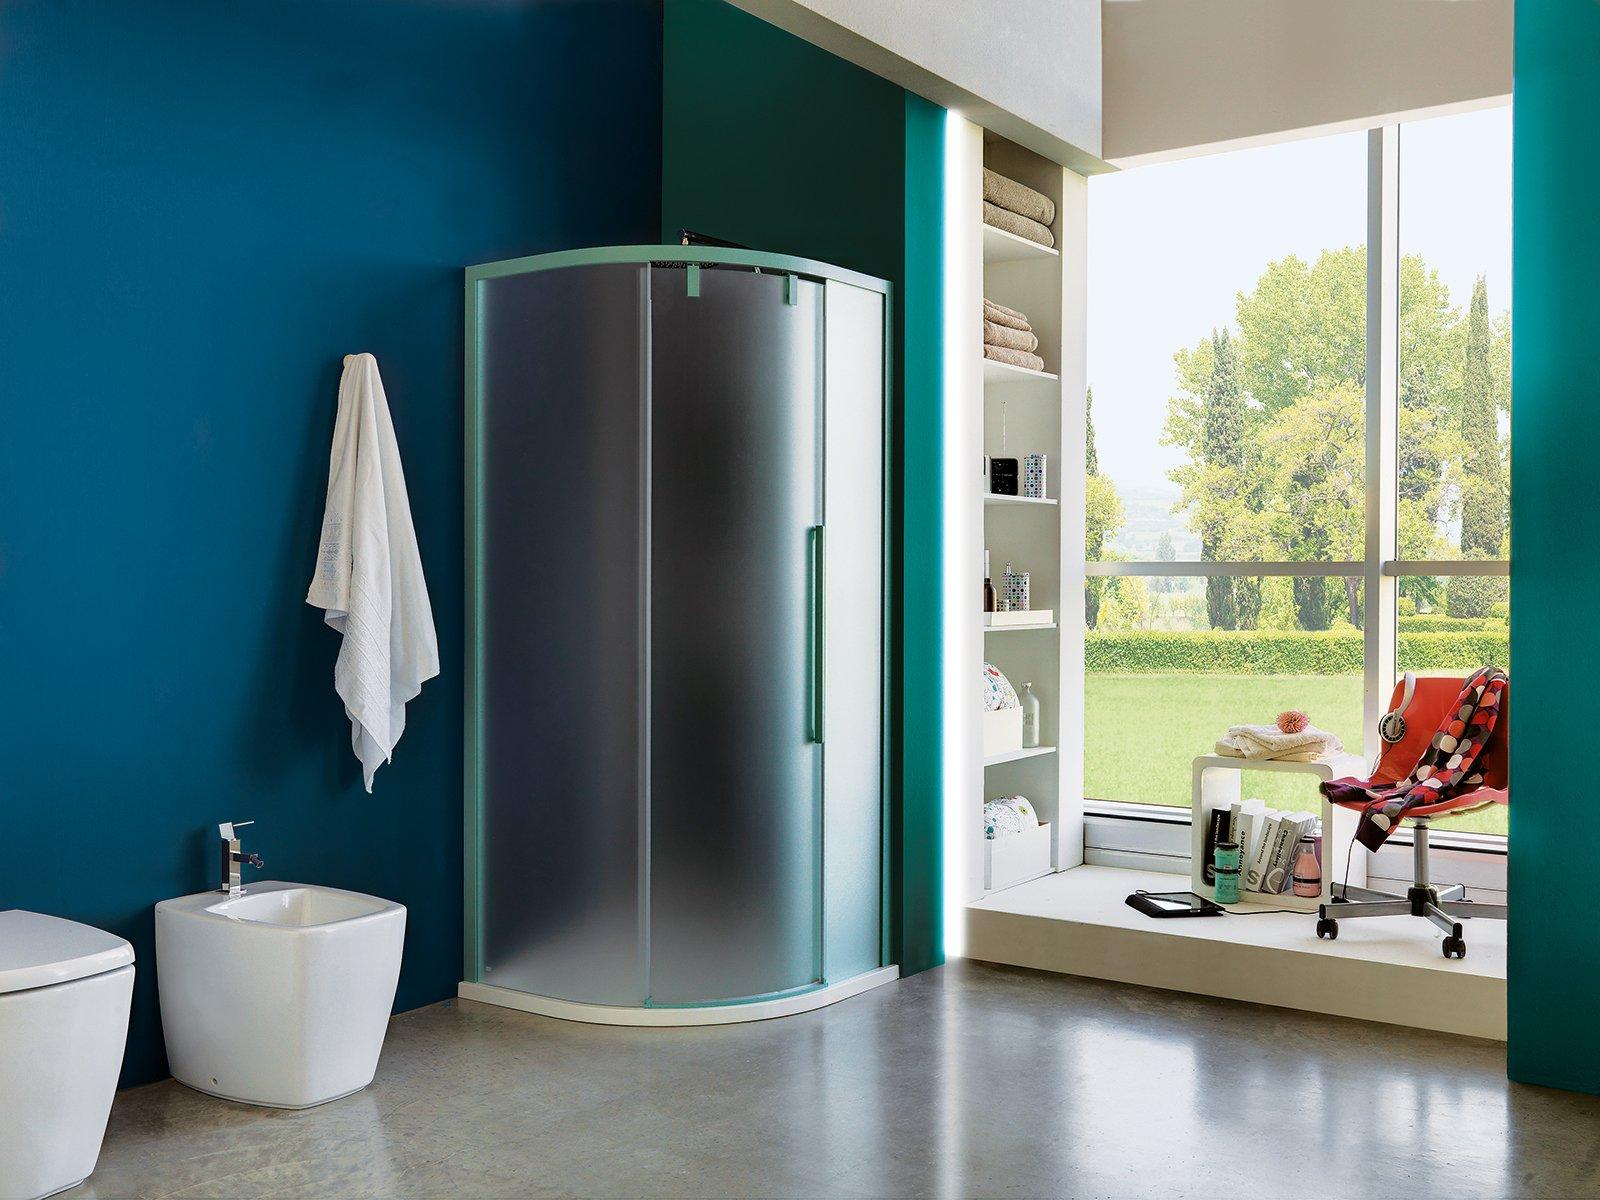 Casabook immobiliare bagno sfruttare l angolo - Ikea bagno doccia ...